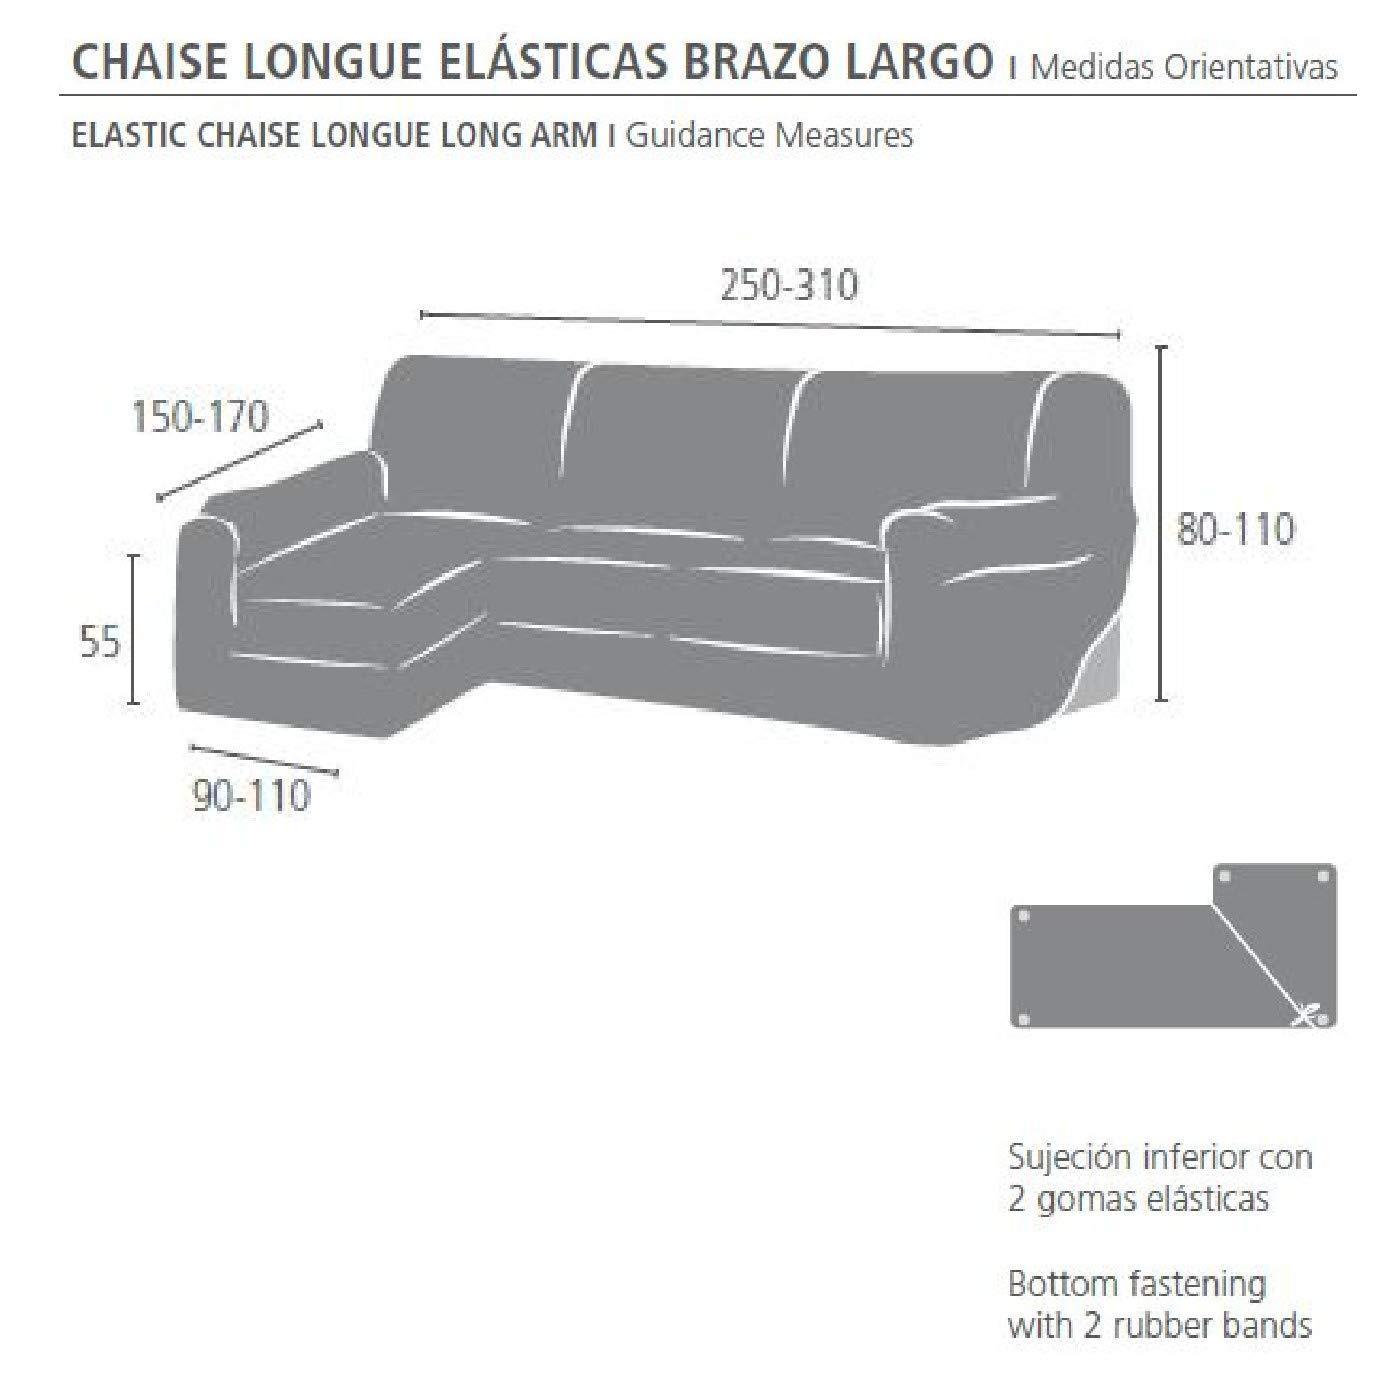 Innovaciones Roser Funda Chaise Longue Brazo Largo Elástica Modelo Rosario, Color Crudo, Medida Brazo Izquierdo – 250-310cm (Mirándolo de Frente)